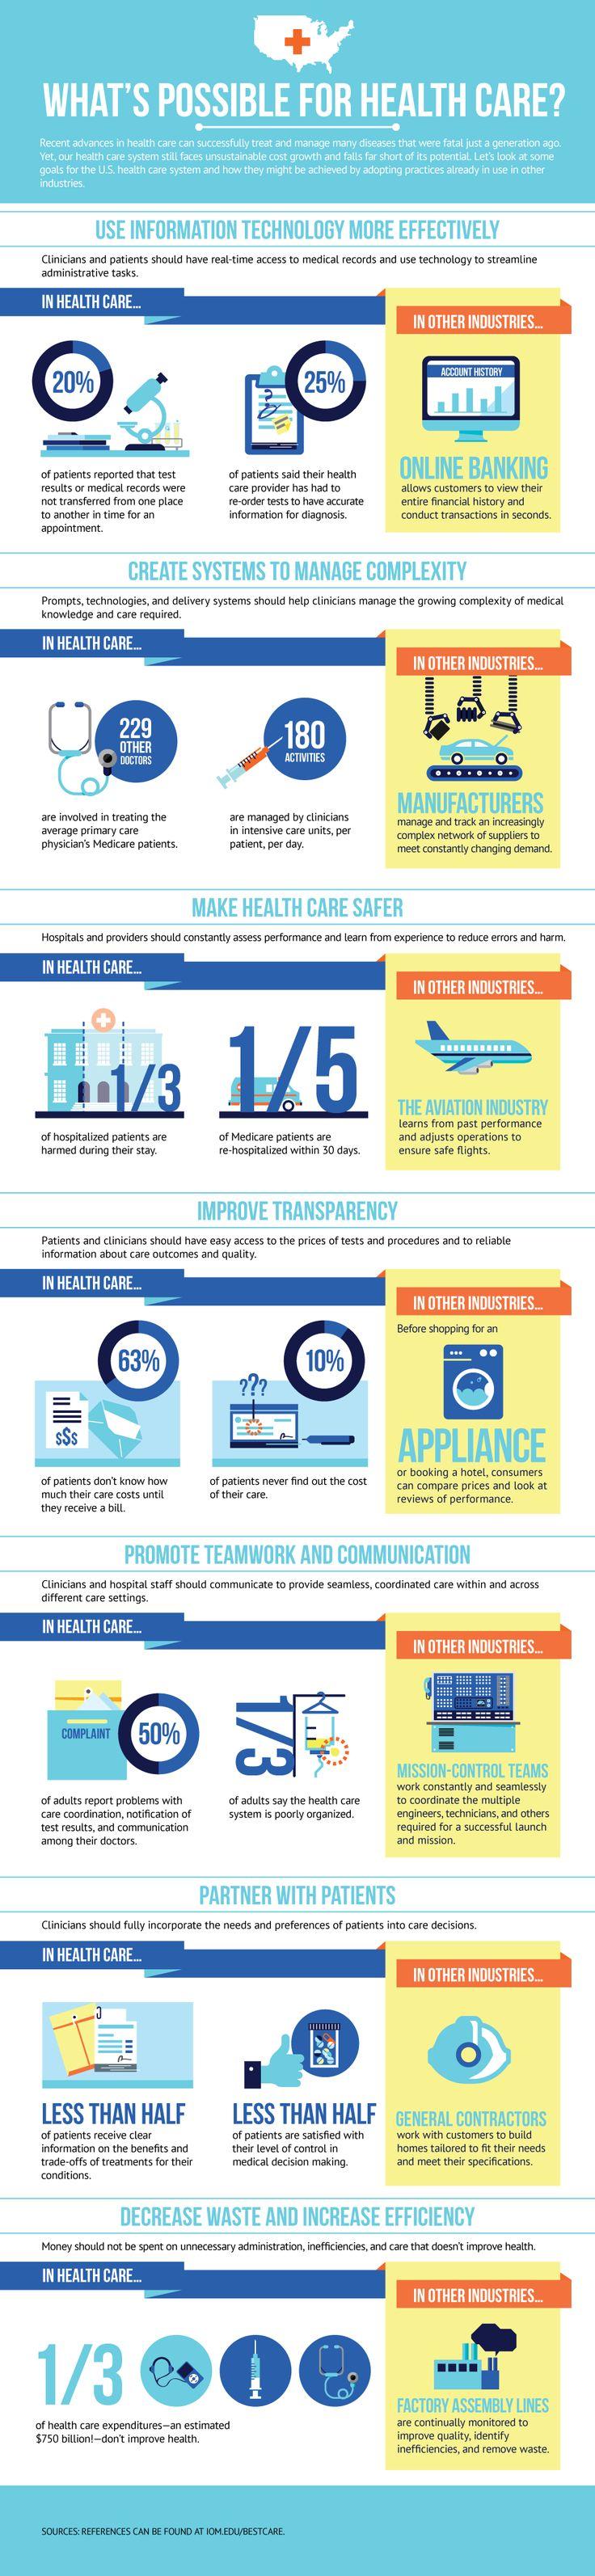 Infographic - Institute of Medicine